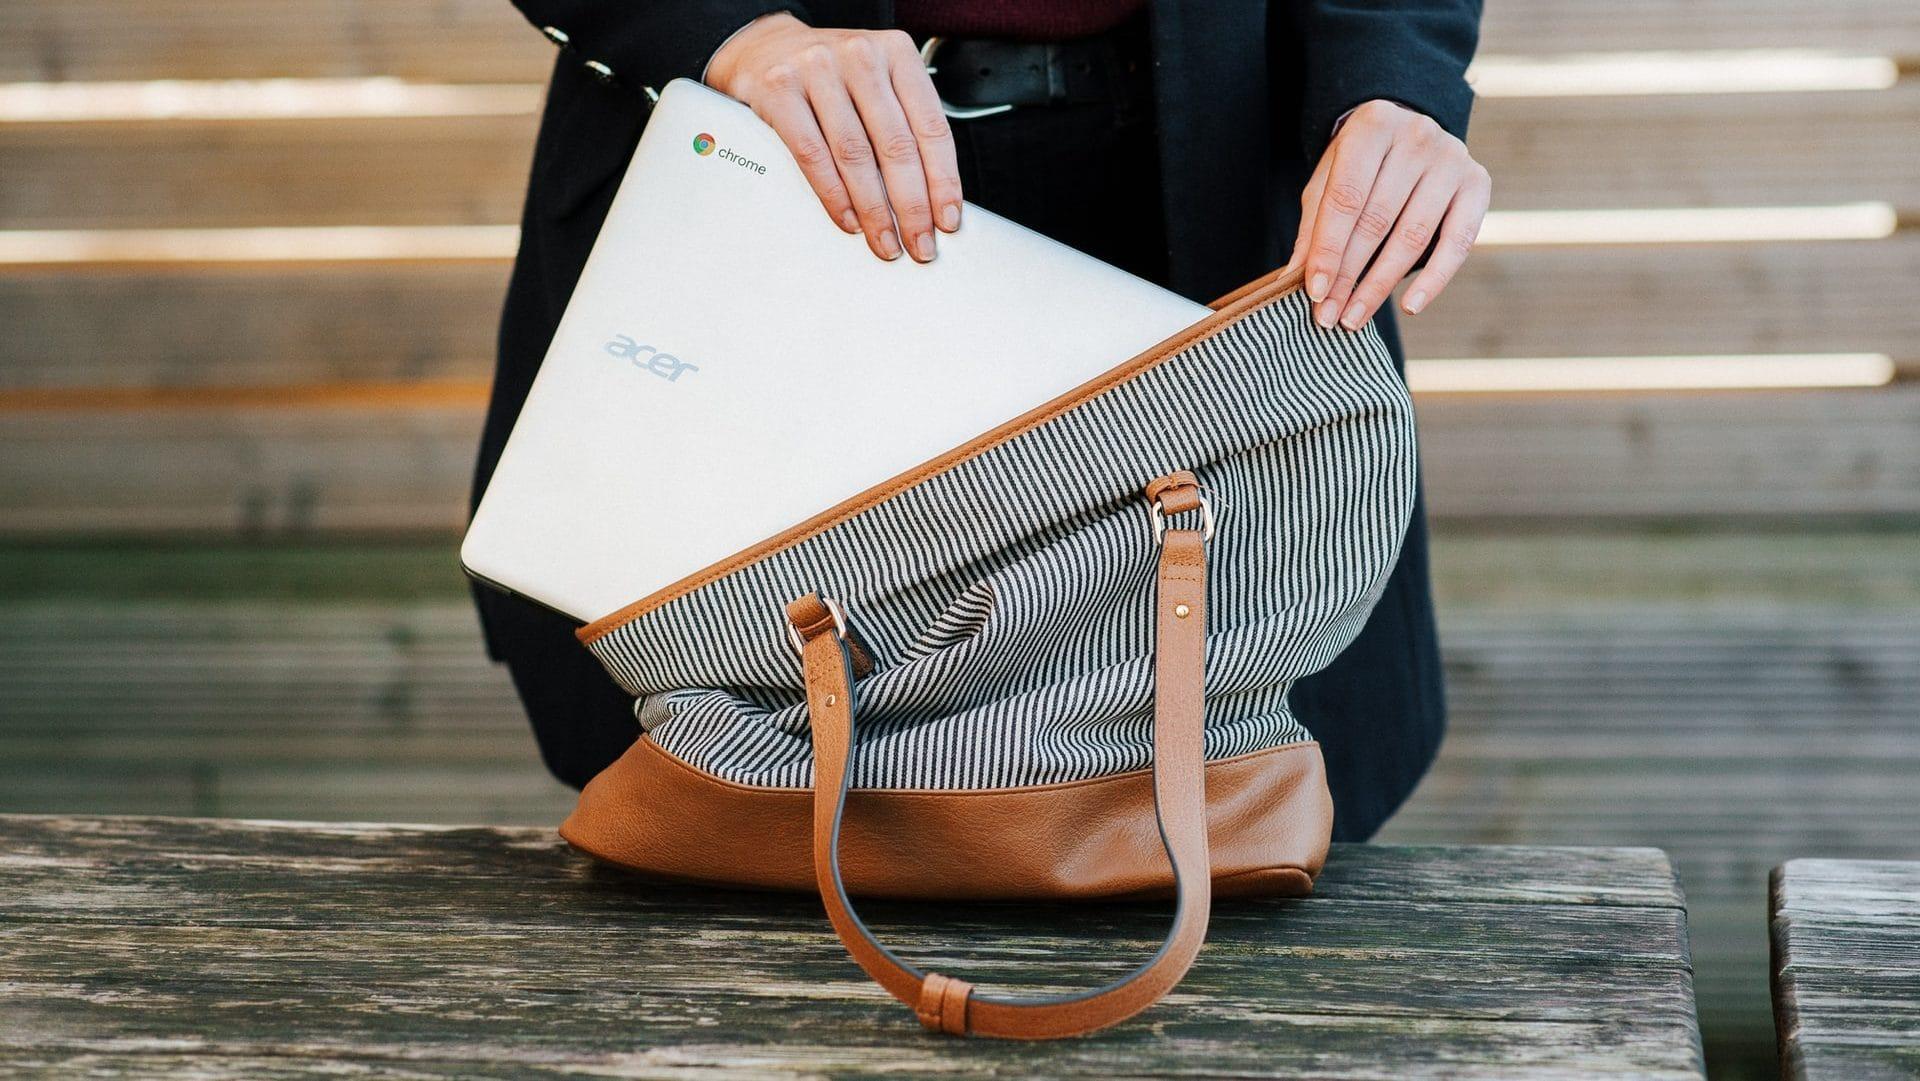 Chromebook, half uit gestreepte tas